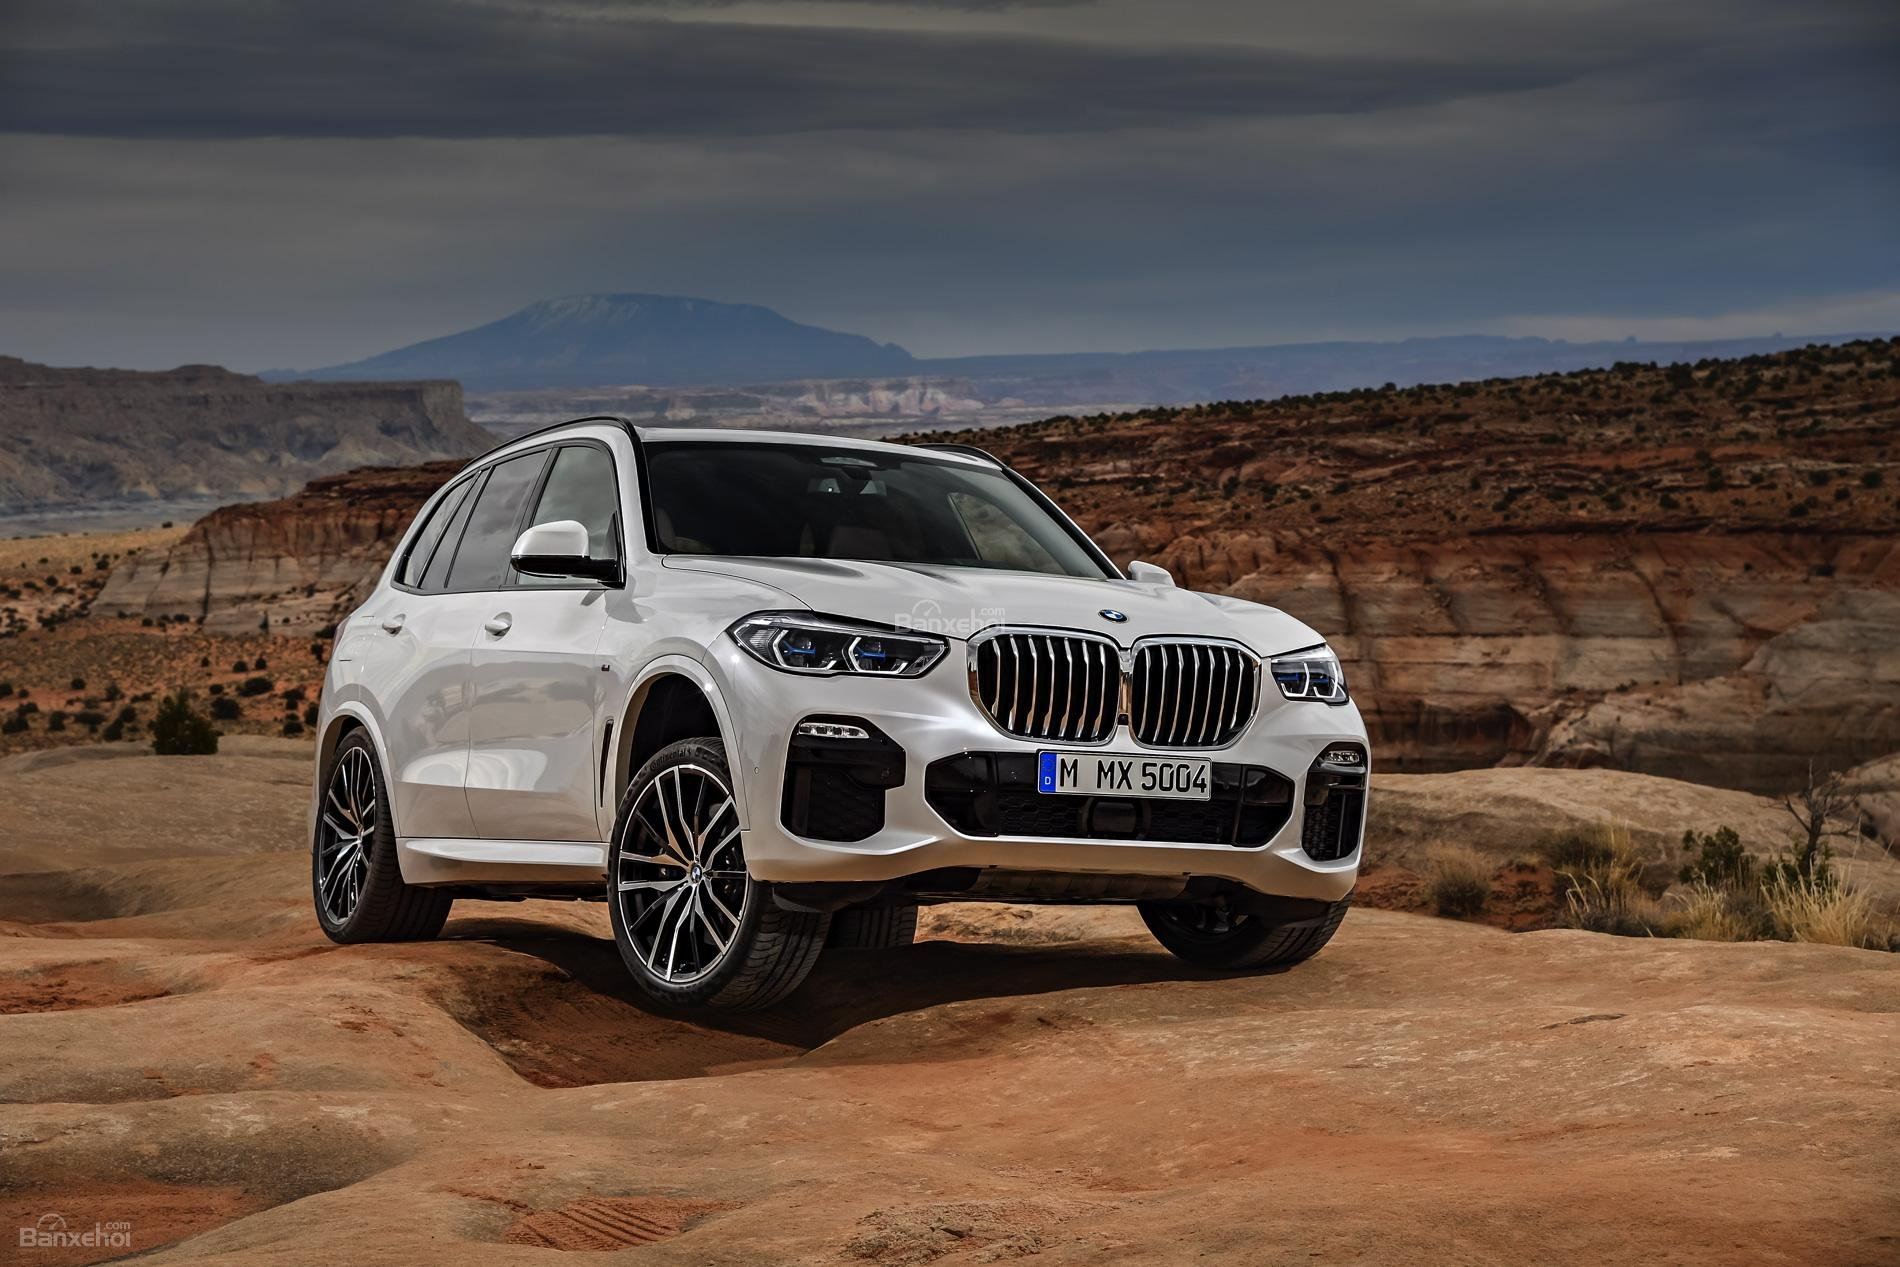 Đánh giá xe BMW X5 2019: Mâm bánh của xe có kích thước từ 18 đến 22 inch z